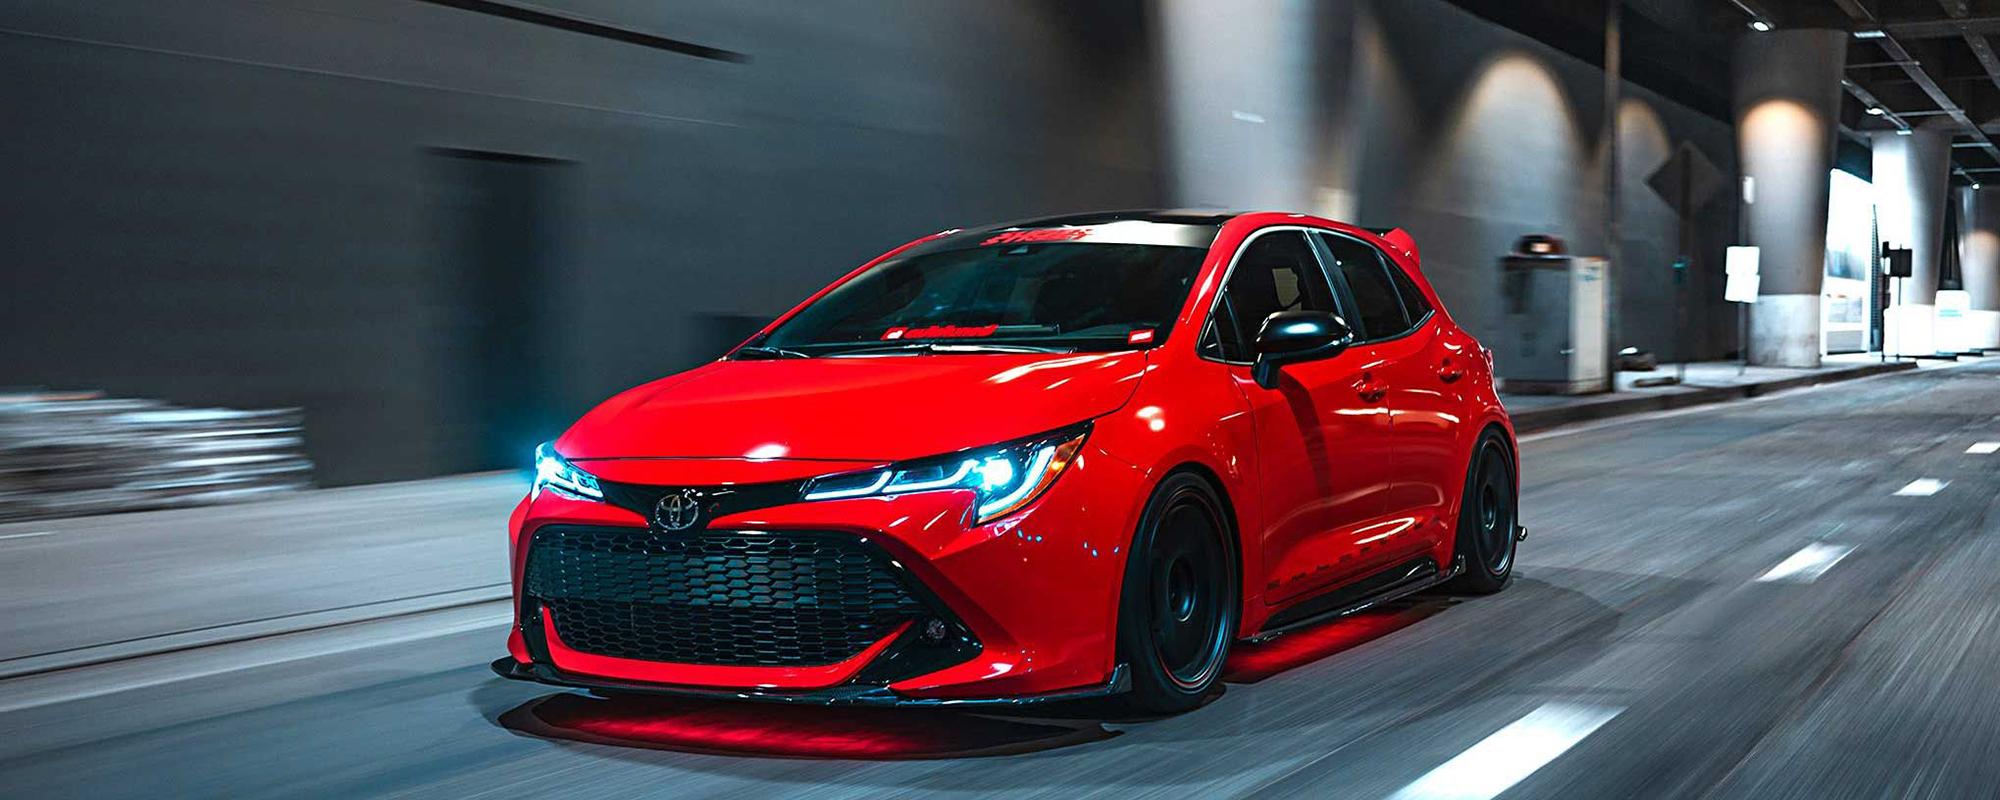 a2019-toyota-corolla-xse-auto-tuned-carbon-fiber-front-lip